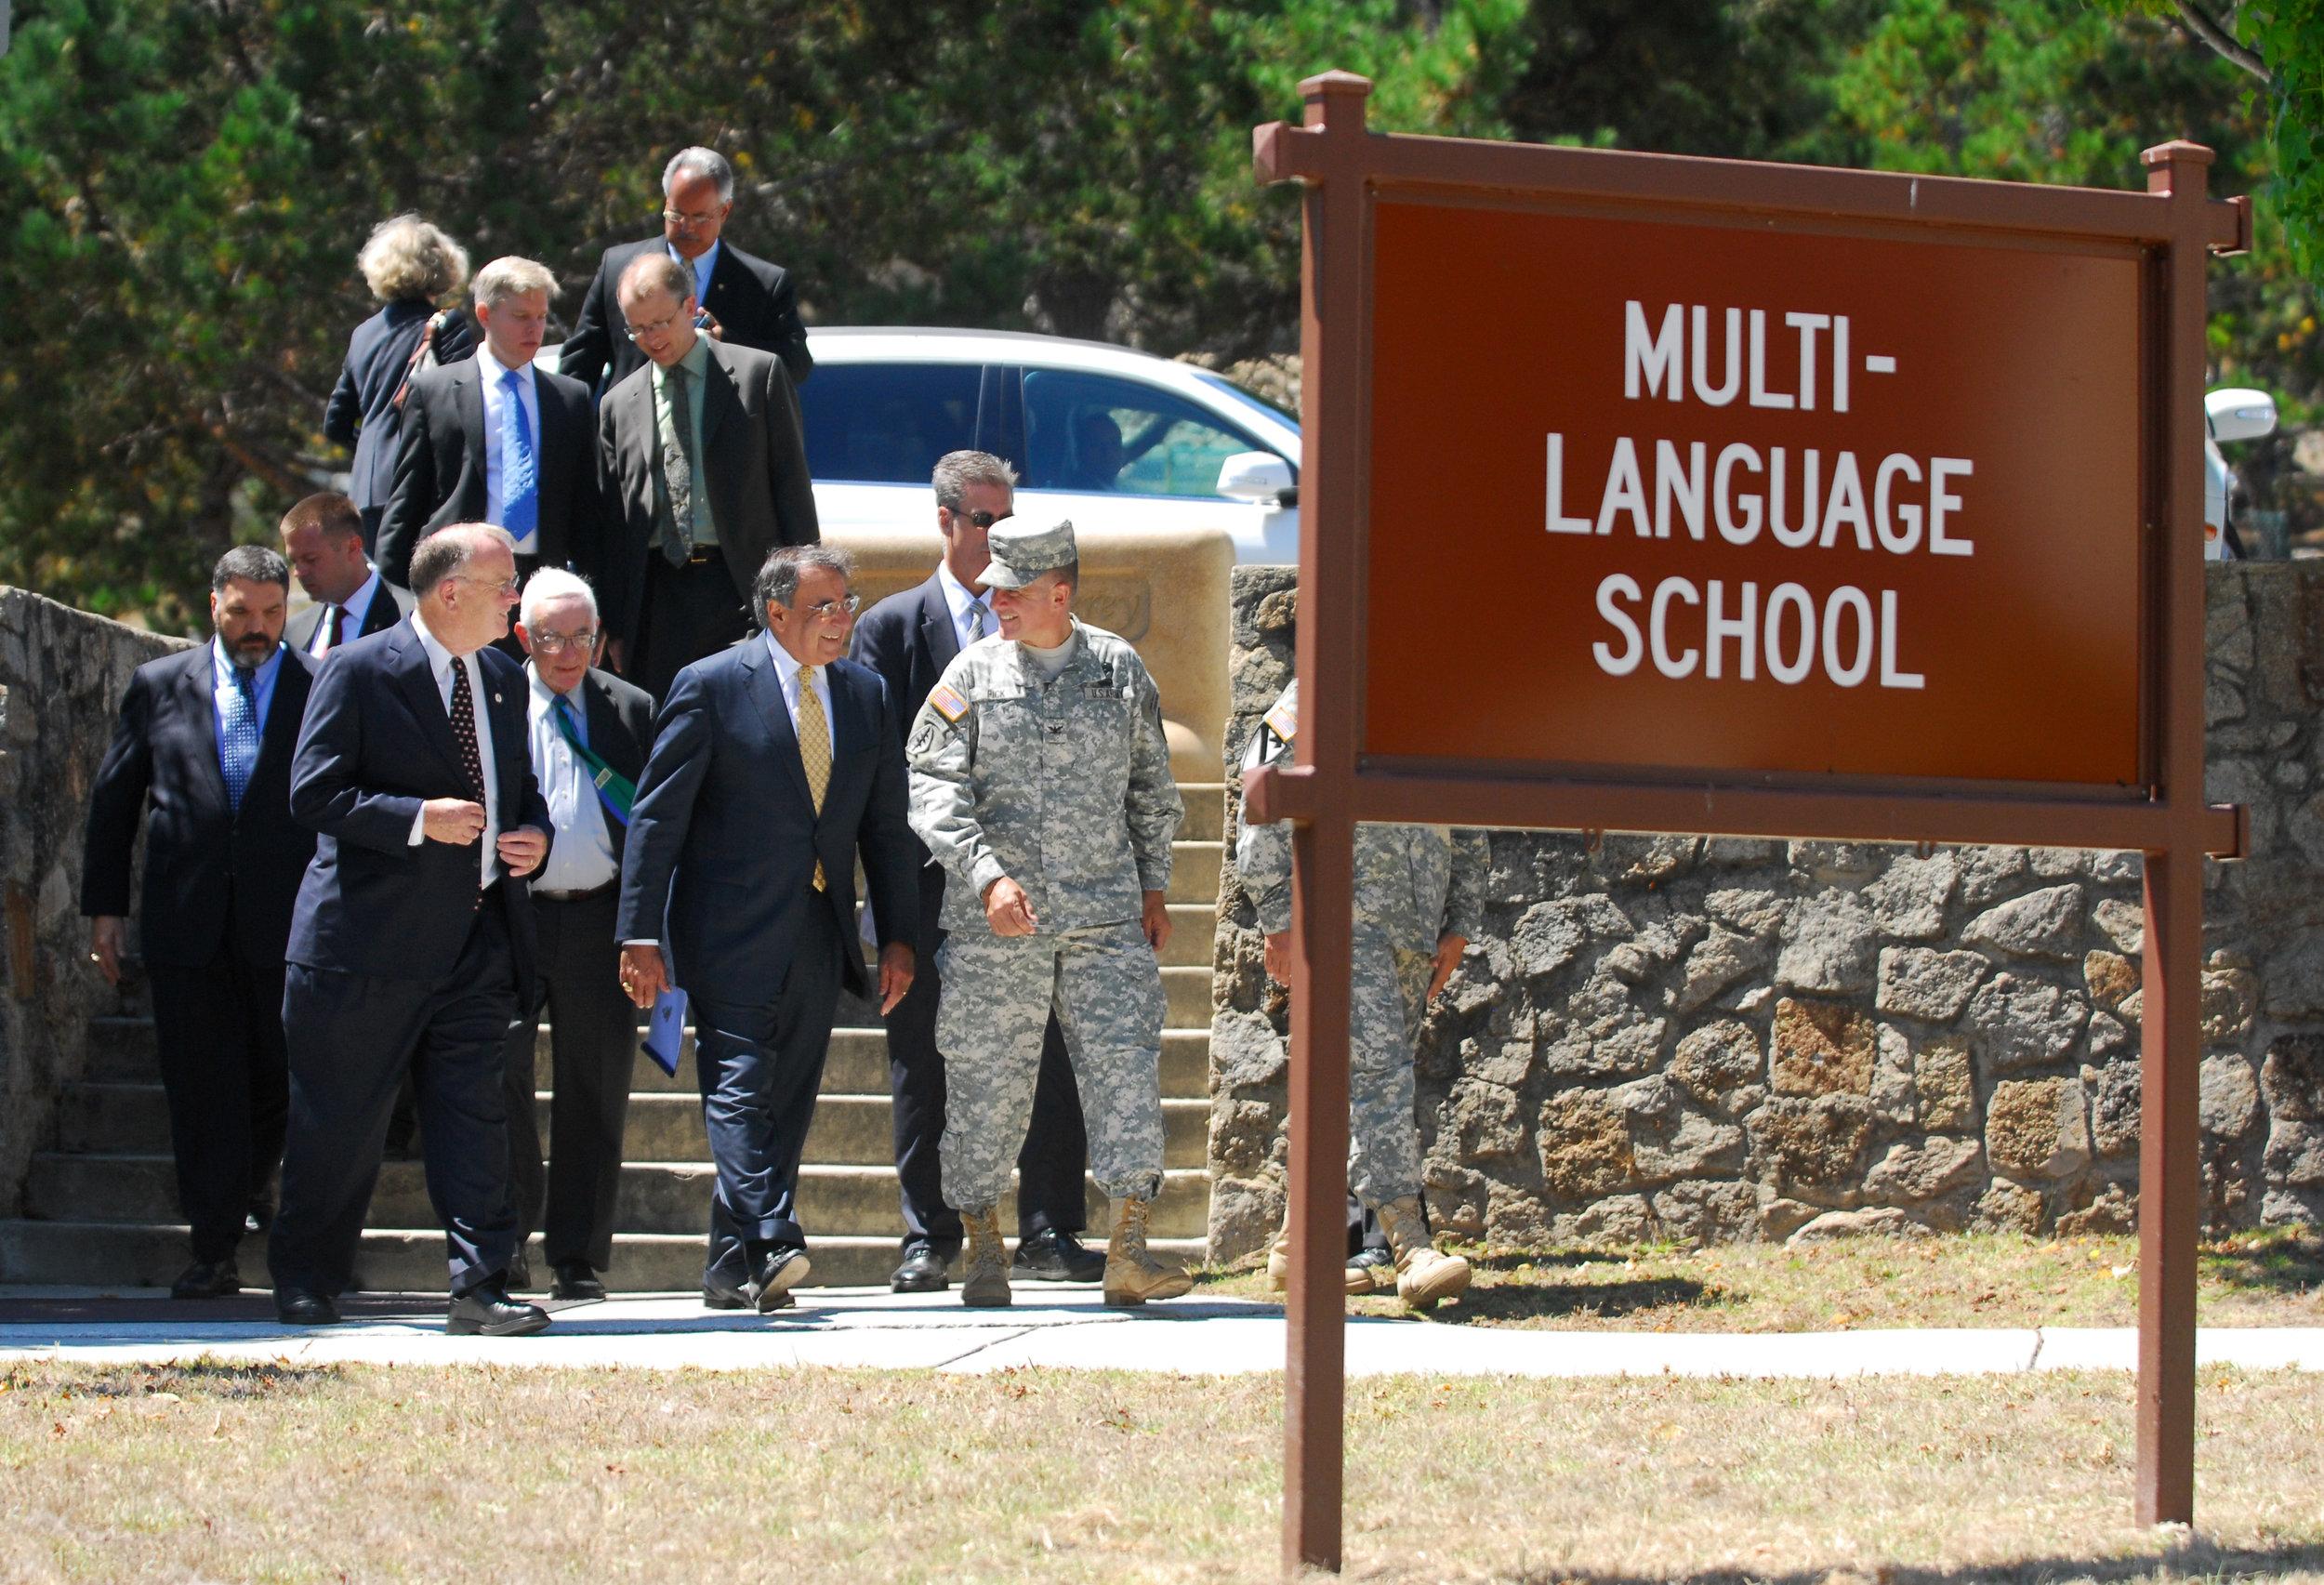 Defense Language Institute Foreign Language Center Commandant Col. Danial Pick escorts Secretary of Defense Leon E. Panetta and Rep. Sam Farr inside the Multi-Language School building at the Presidio of Monterey in 2011. (Steven L. Shepard/U.S. Army)